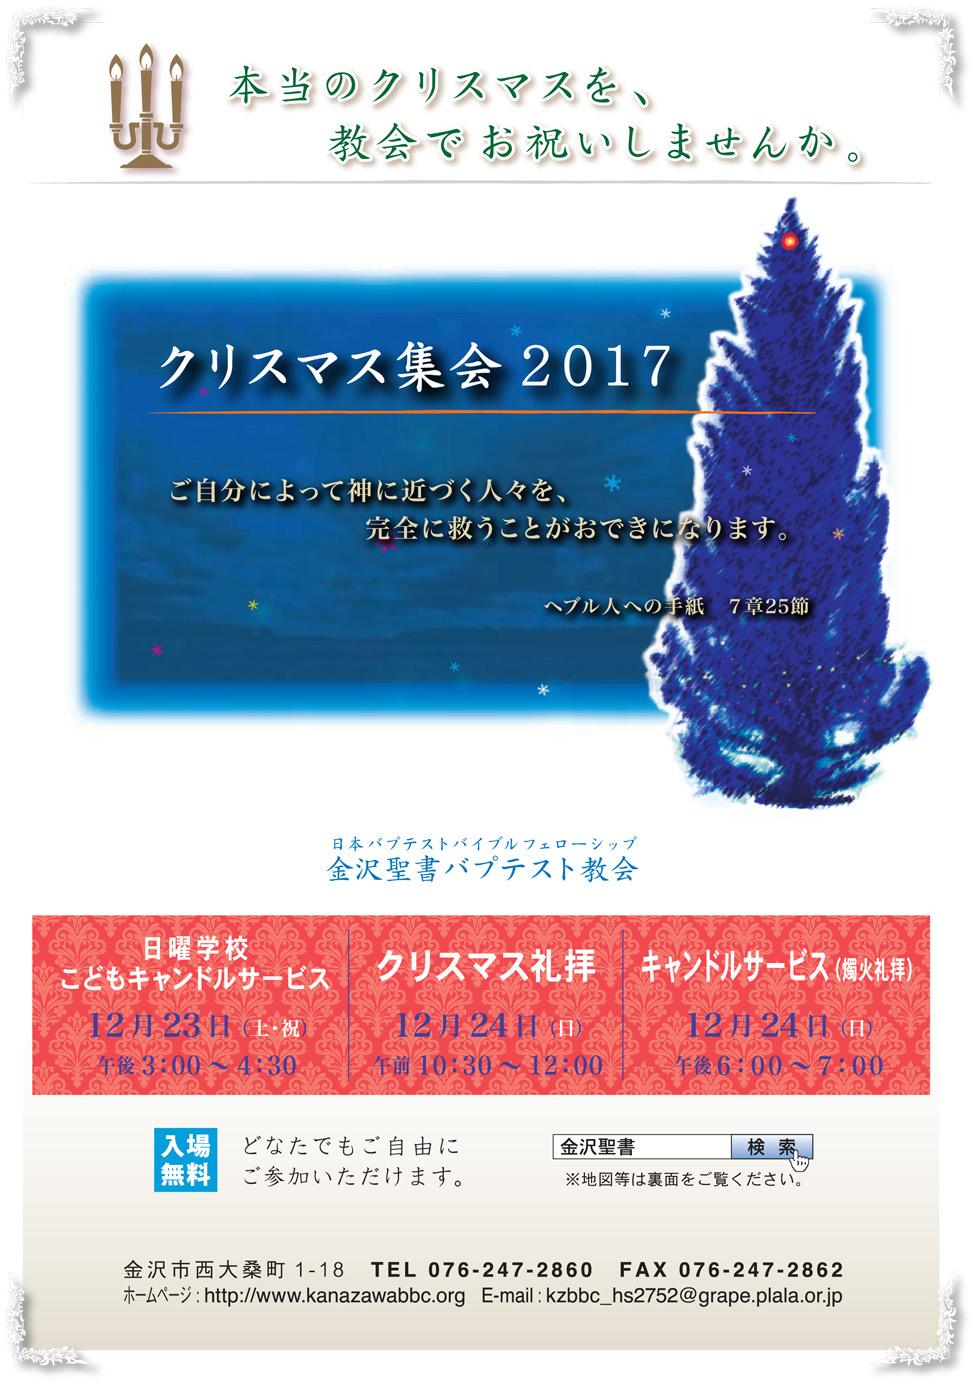 2017クリスマス集会